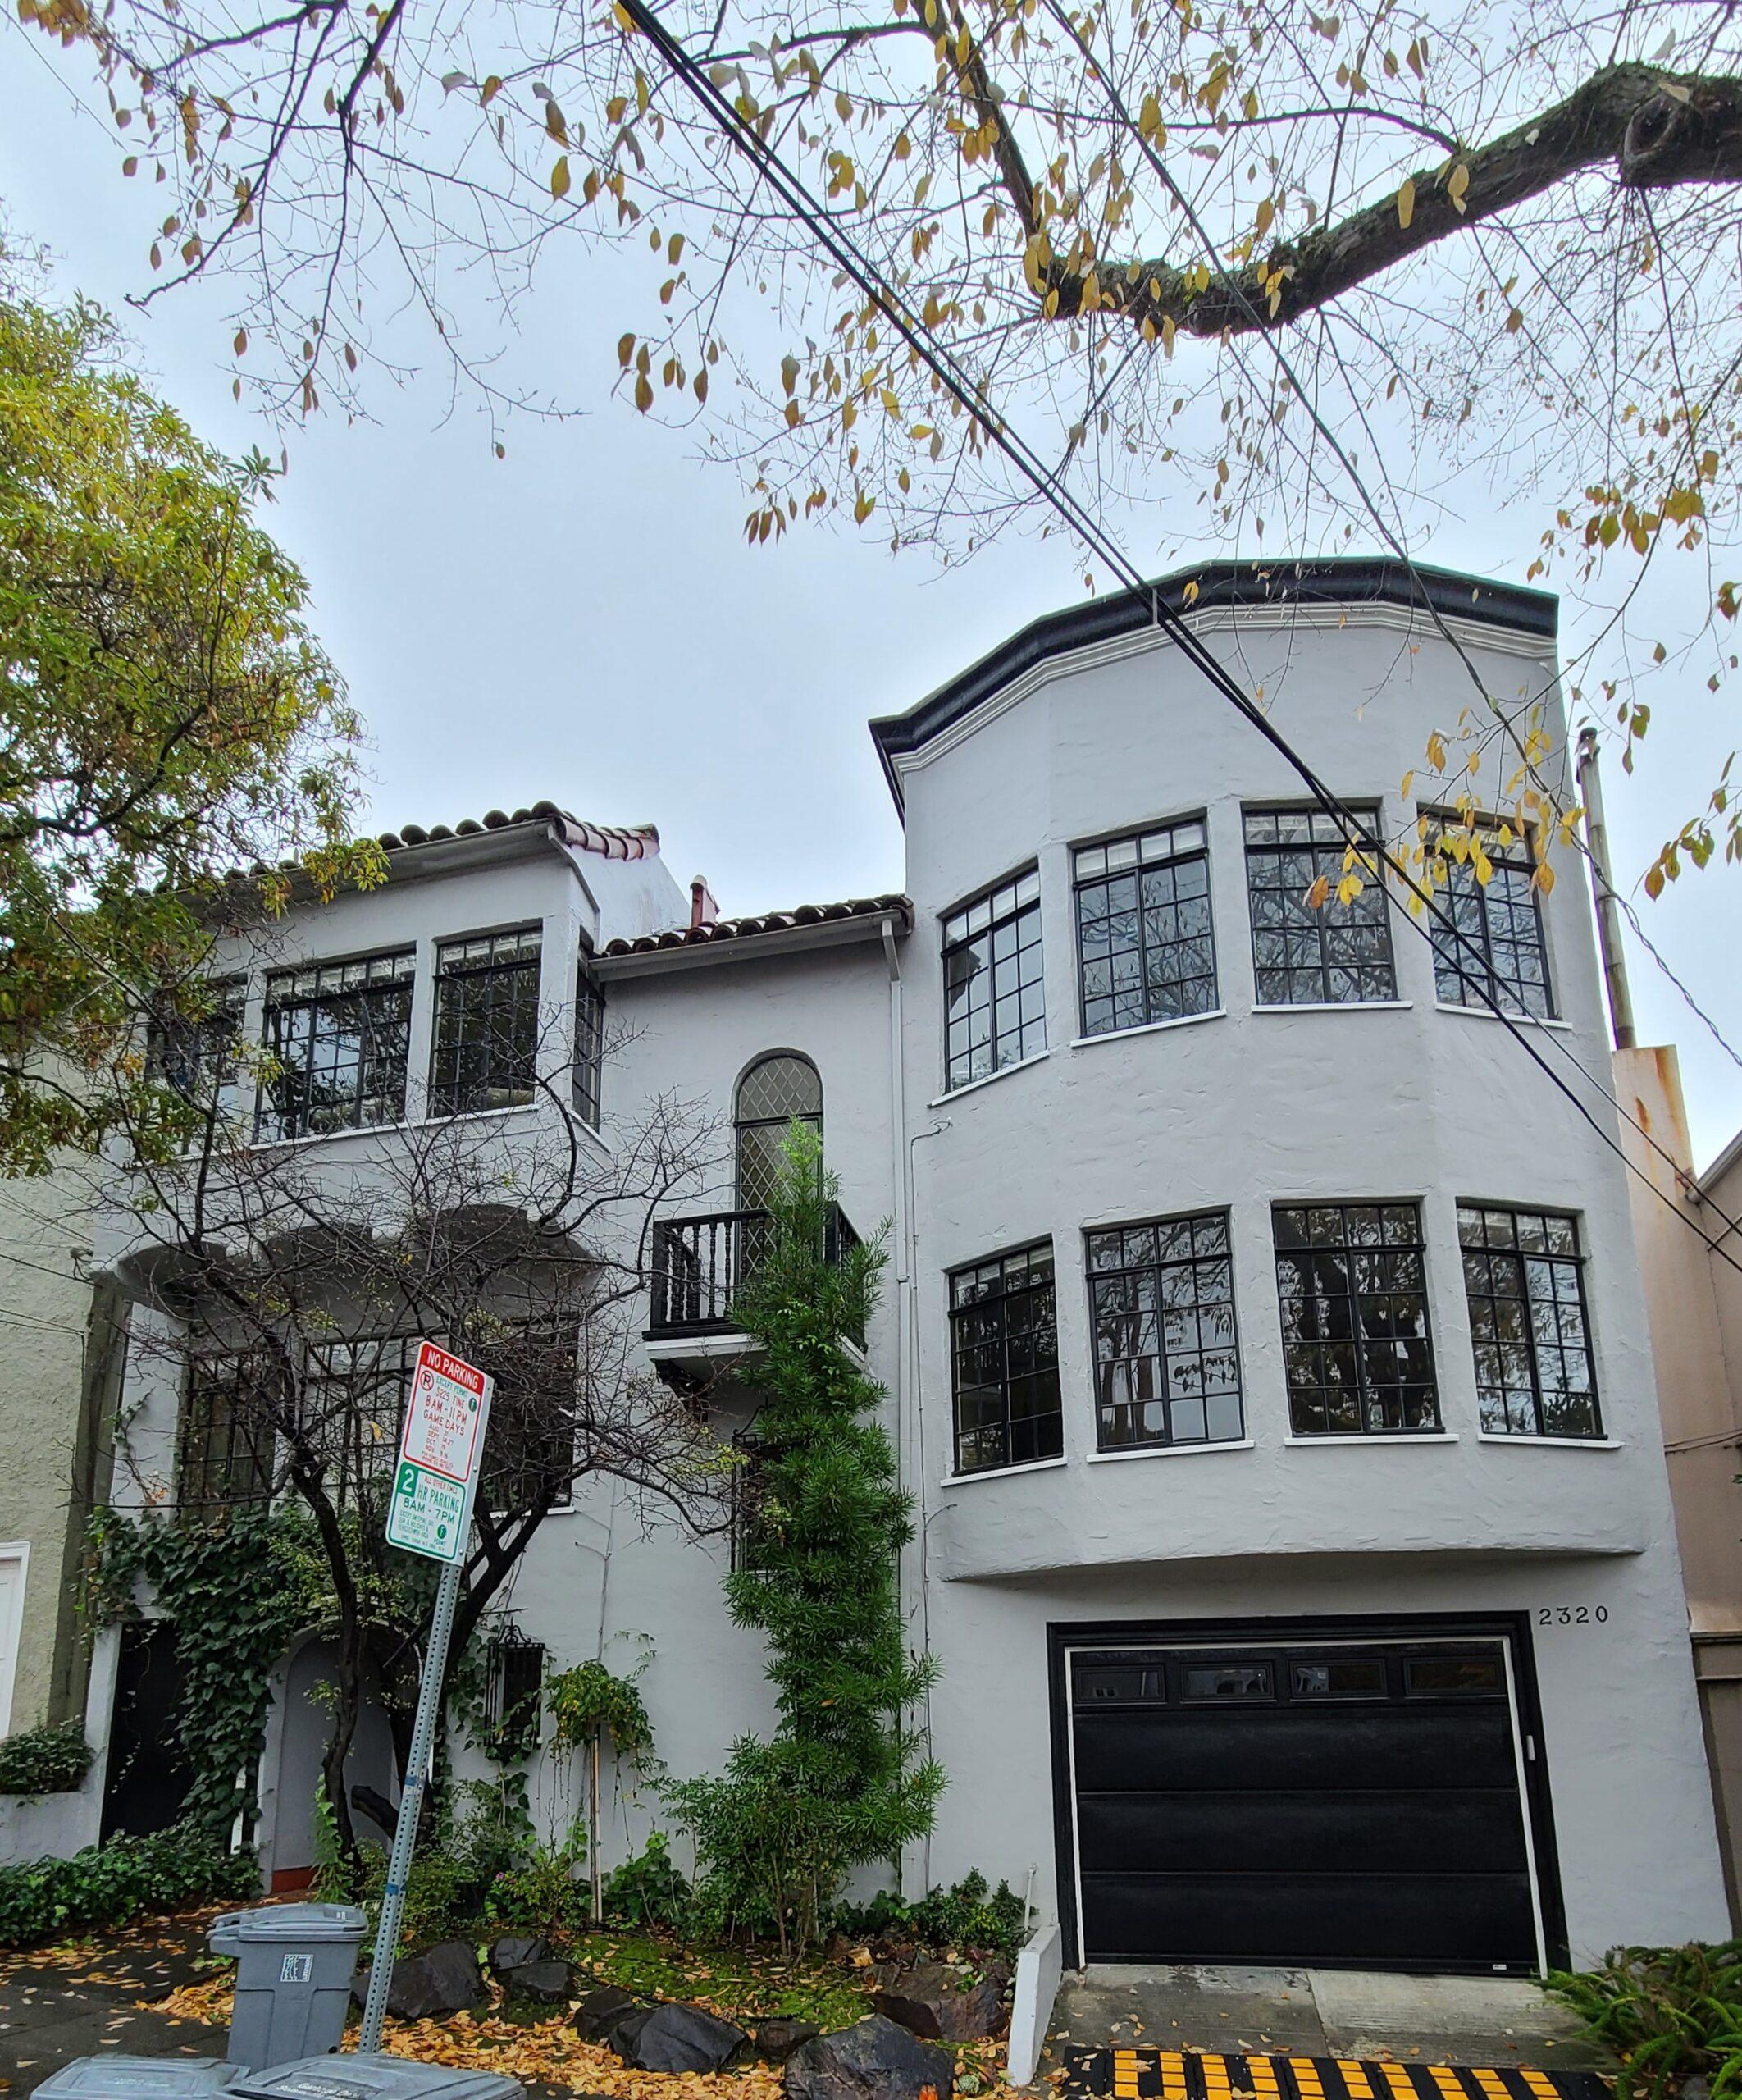 2320 Le Conte Avenue #1, Berkeley, CA 94709